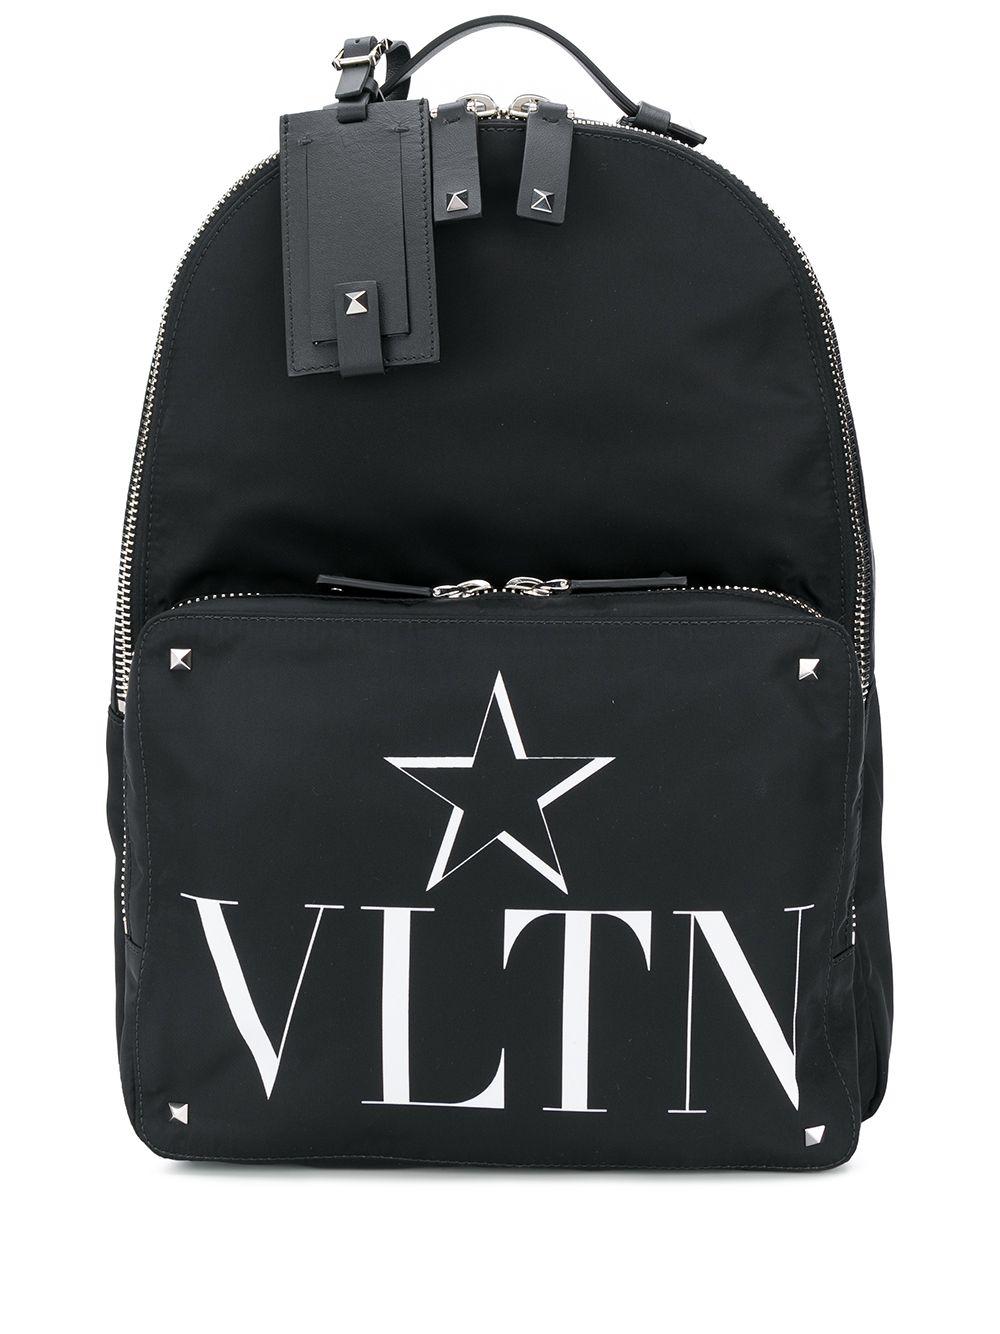 Vltn Leather Backpack